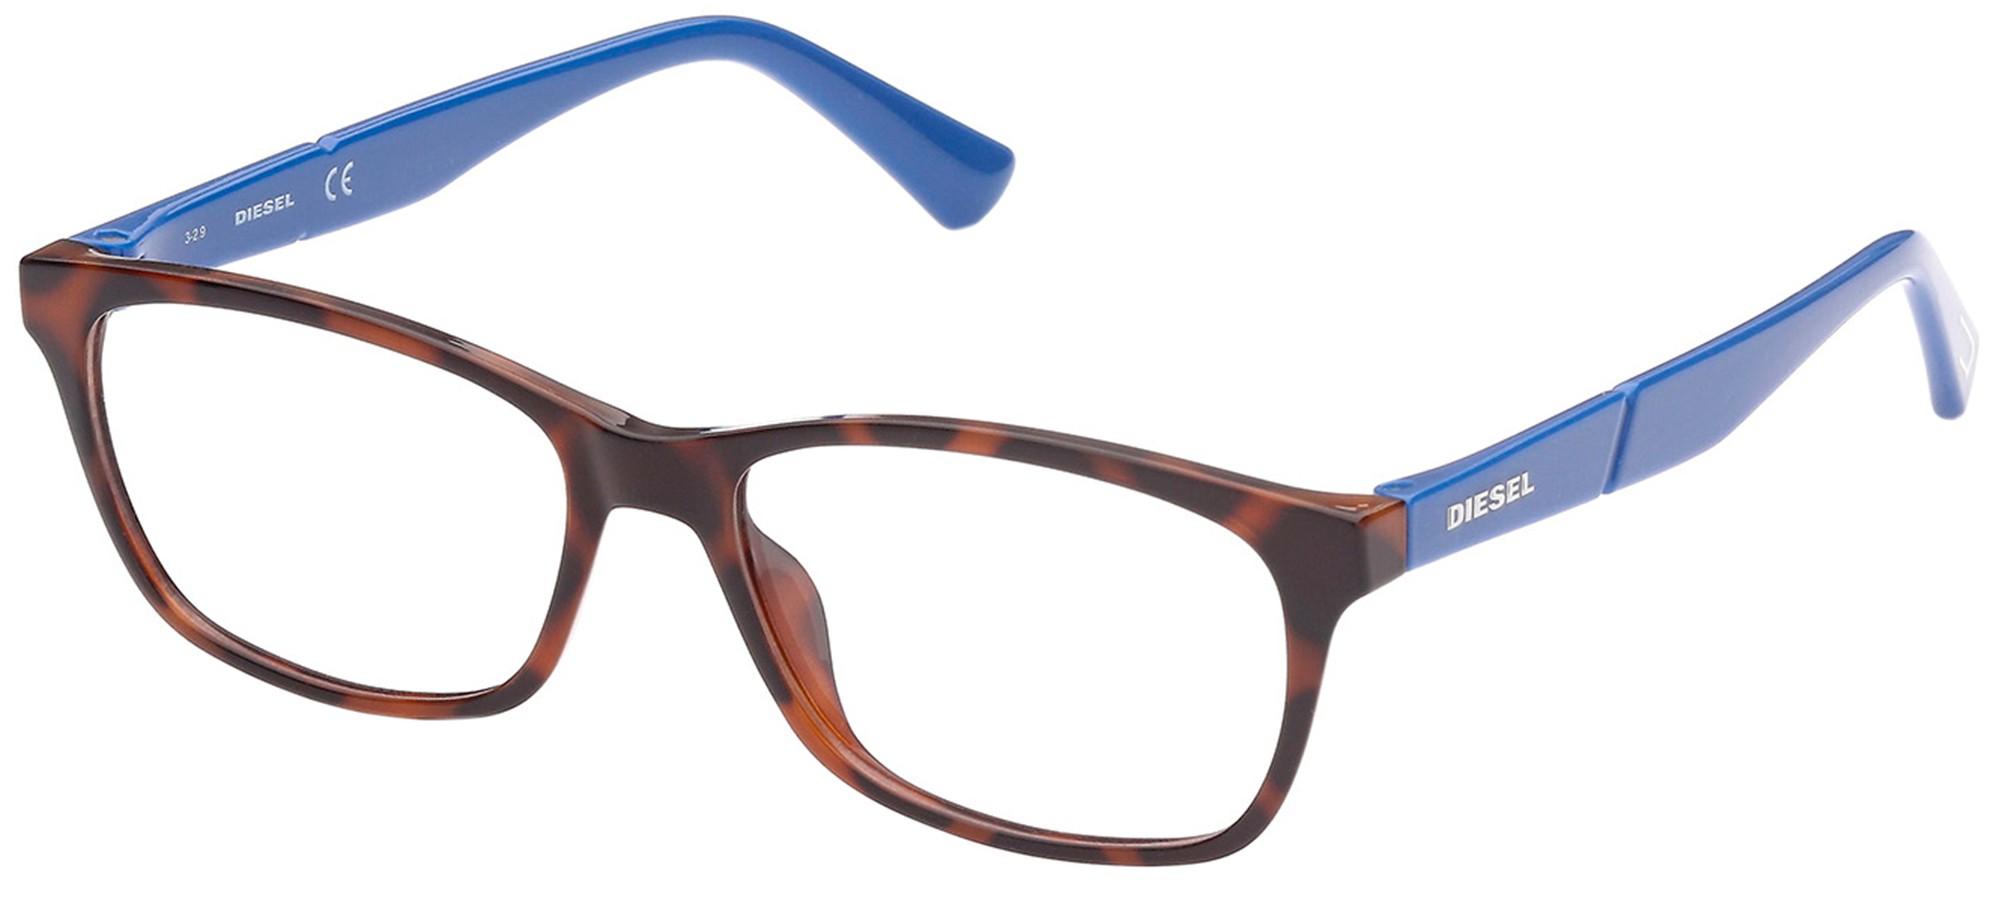 Diesel briller DL 5396 JUNIOR